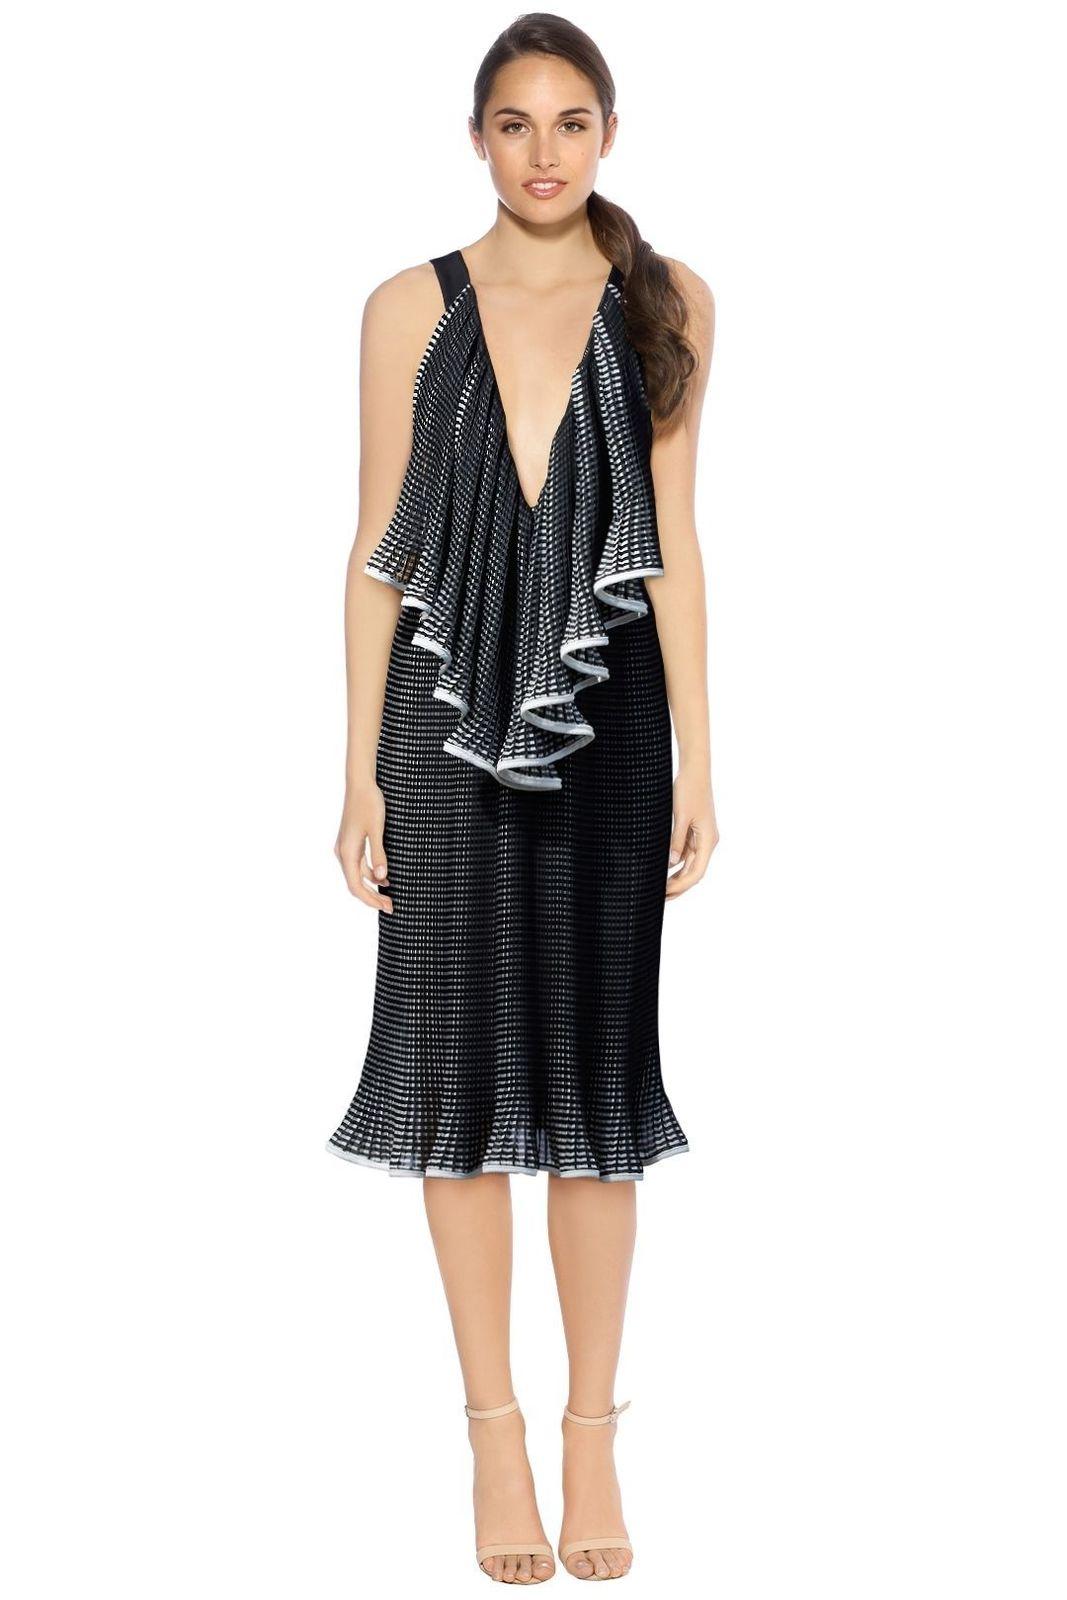 Rent: The Lucy Iris Pleat Dress BNWT Size 8-10